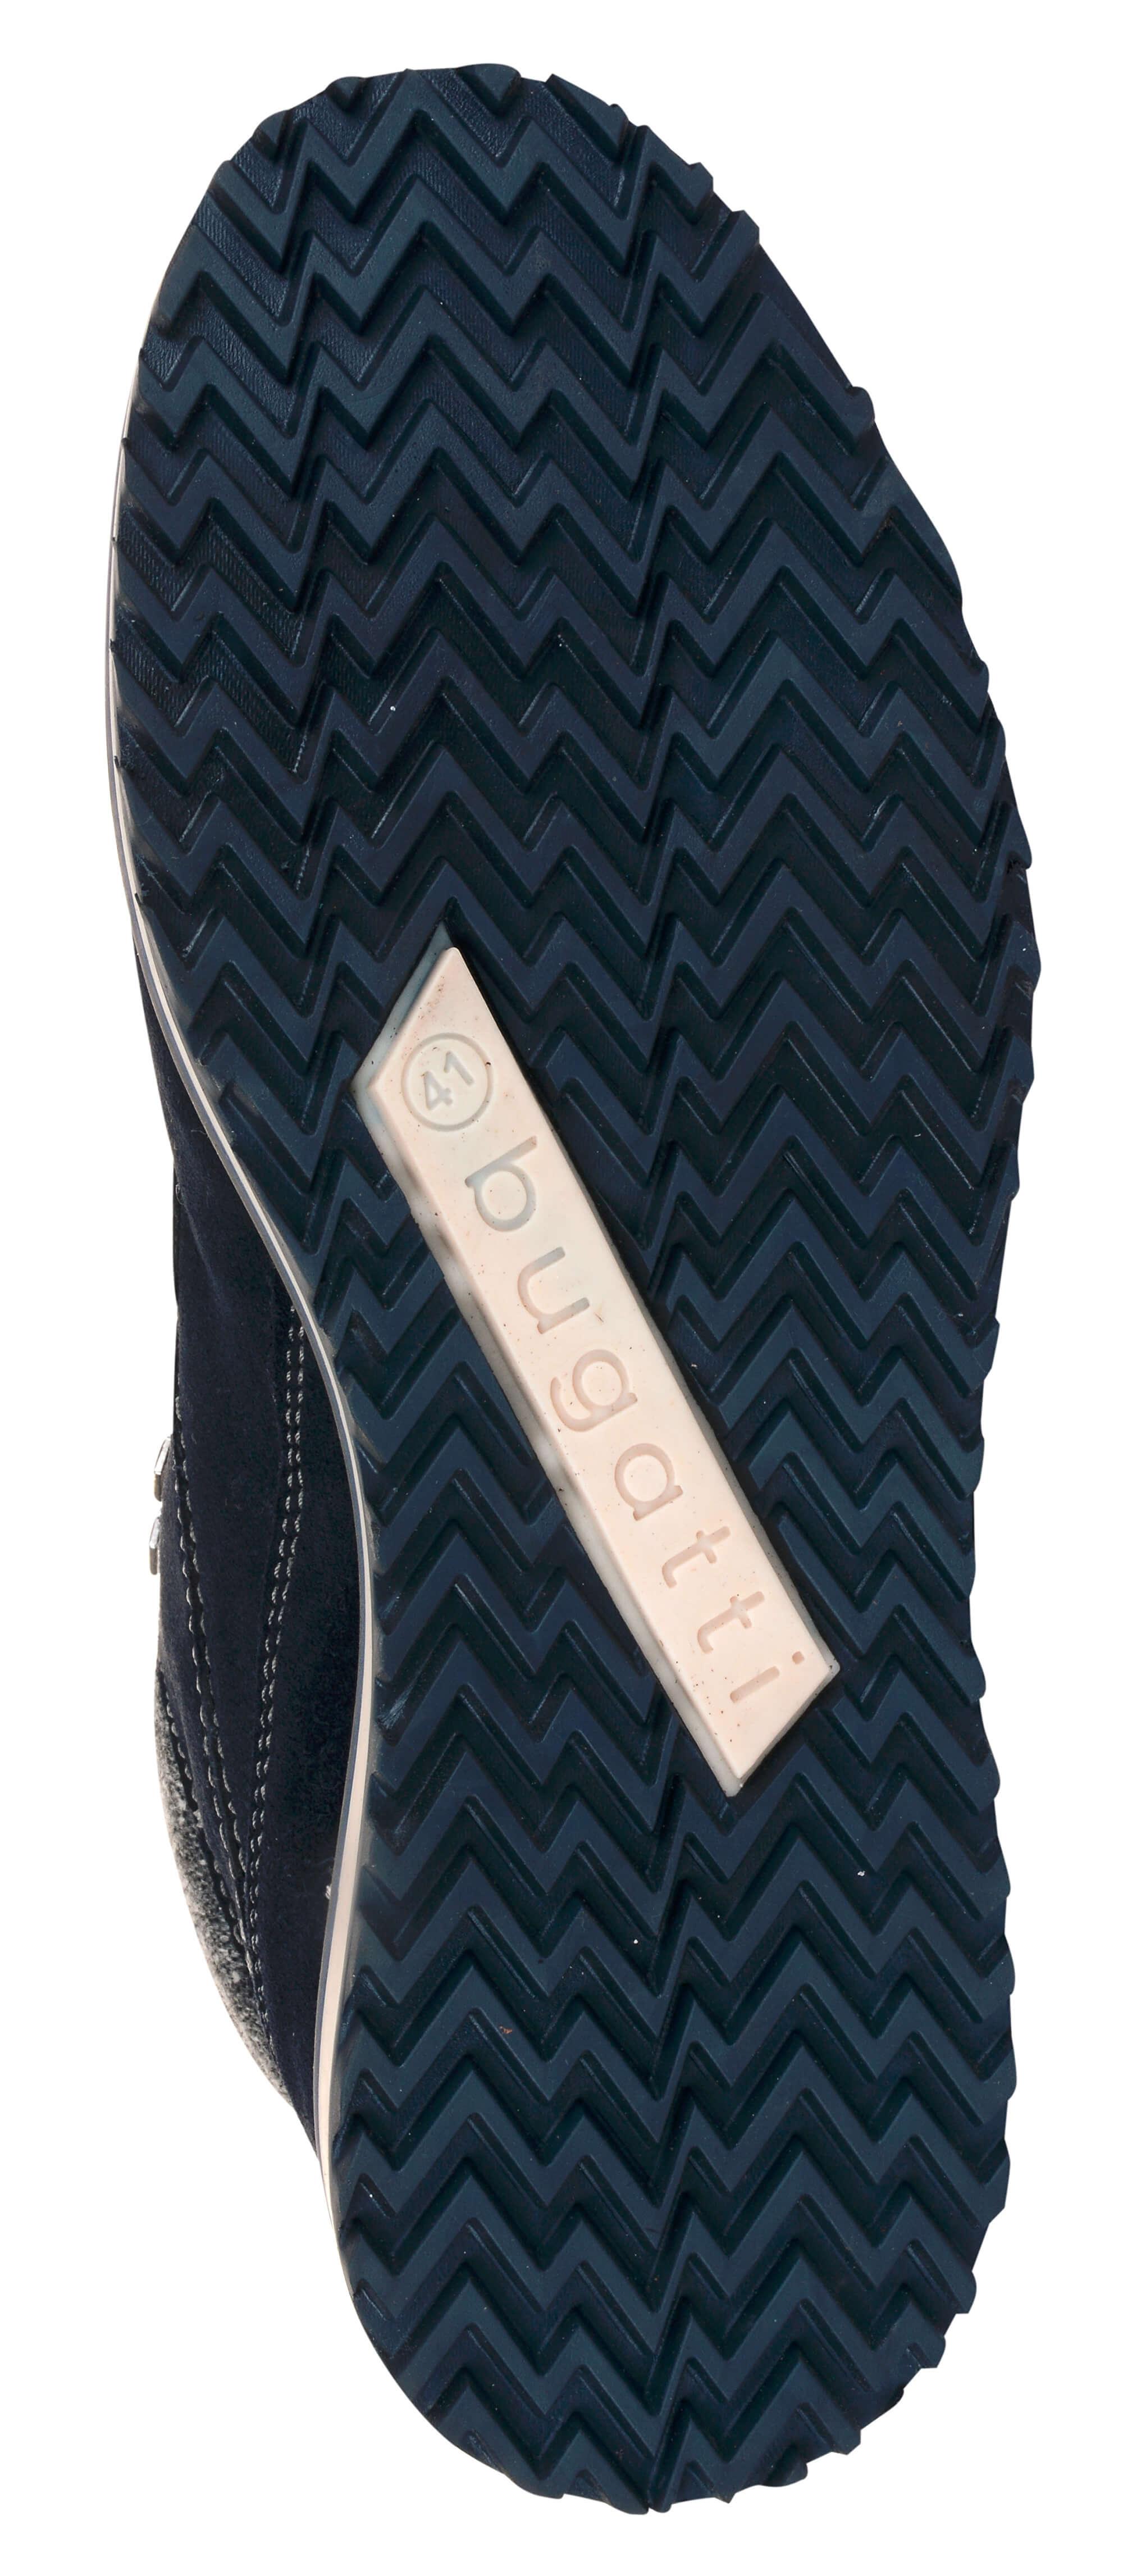 Bugatti Pánske kožené členkové topánky 321607501400-4100 Dark Blue.  Predchádzajúci  Ďalšie   761b7073c1e